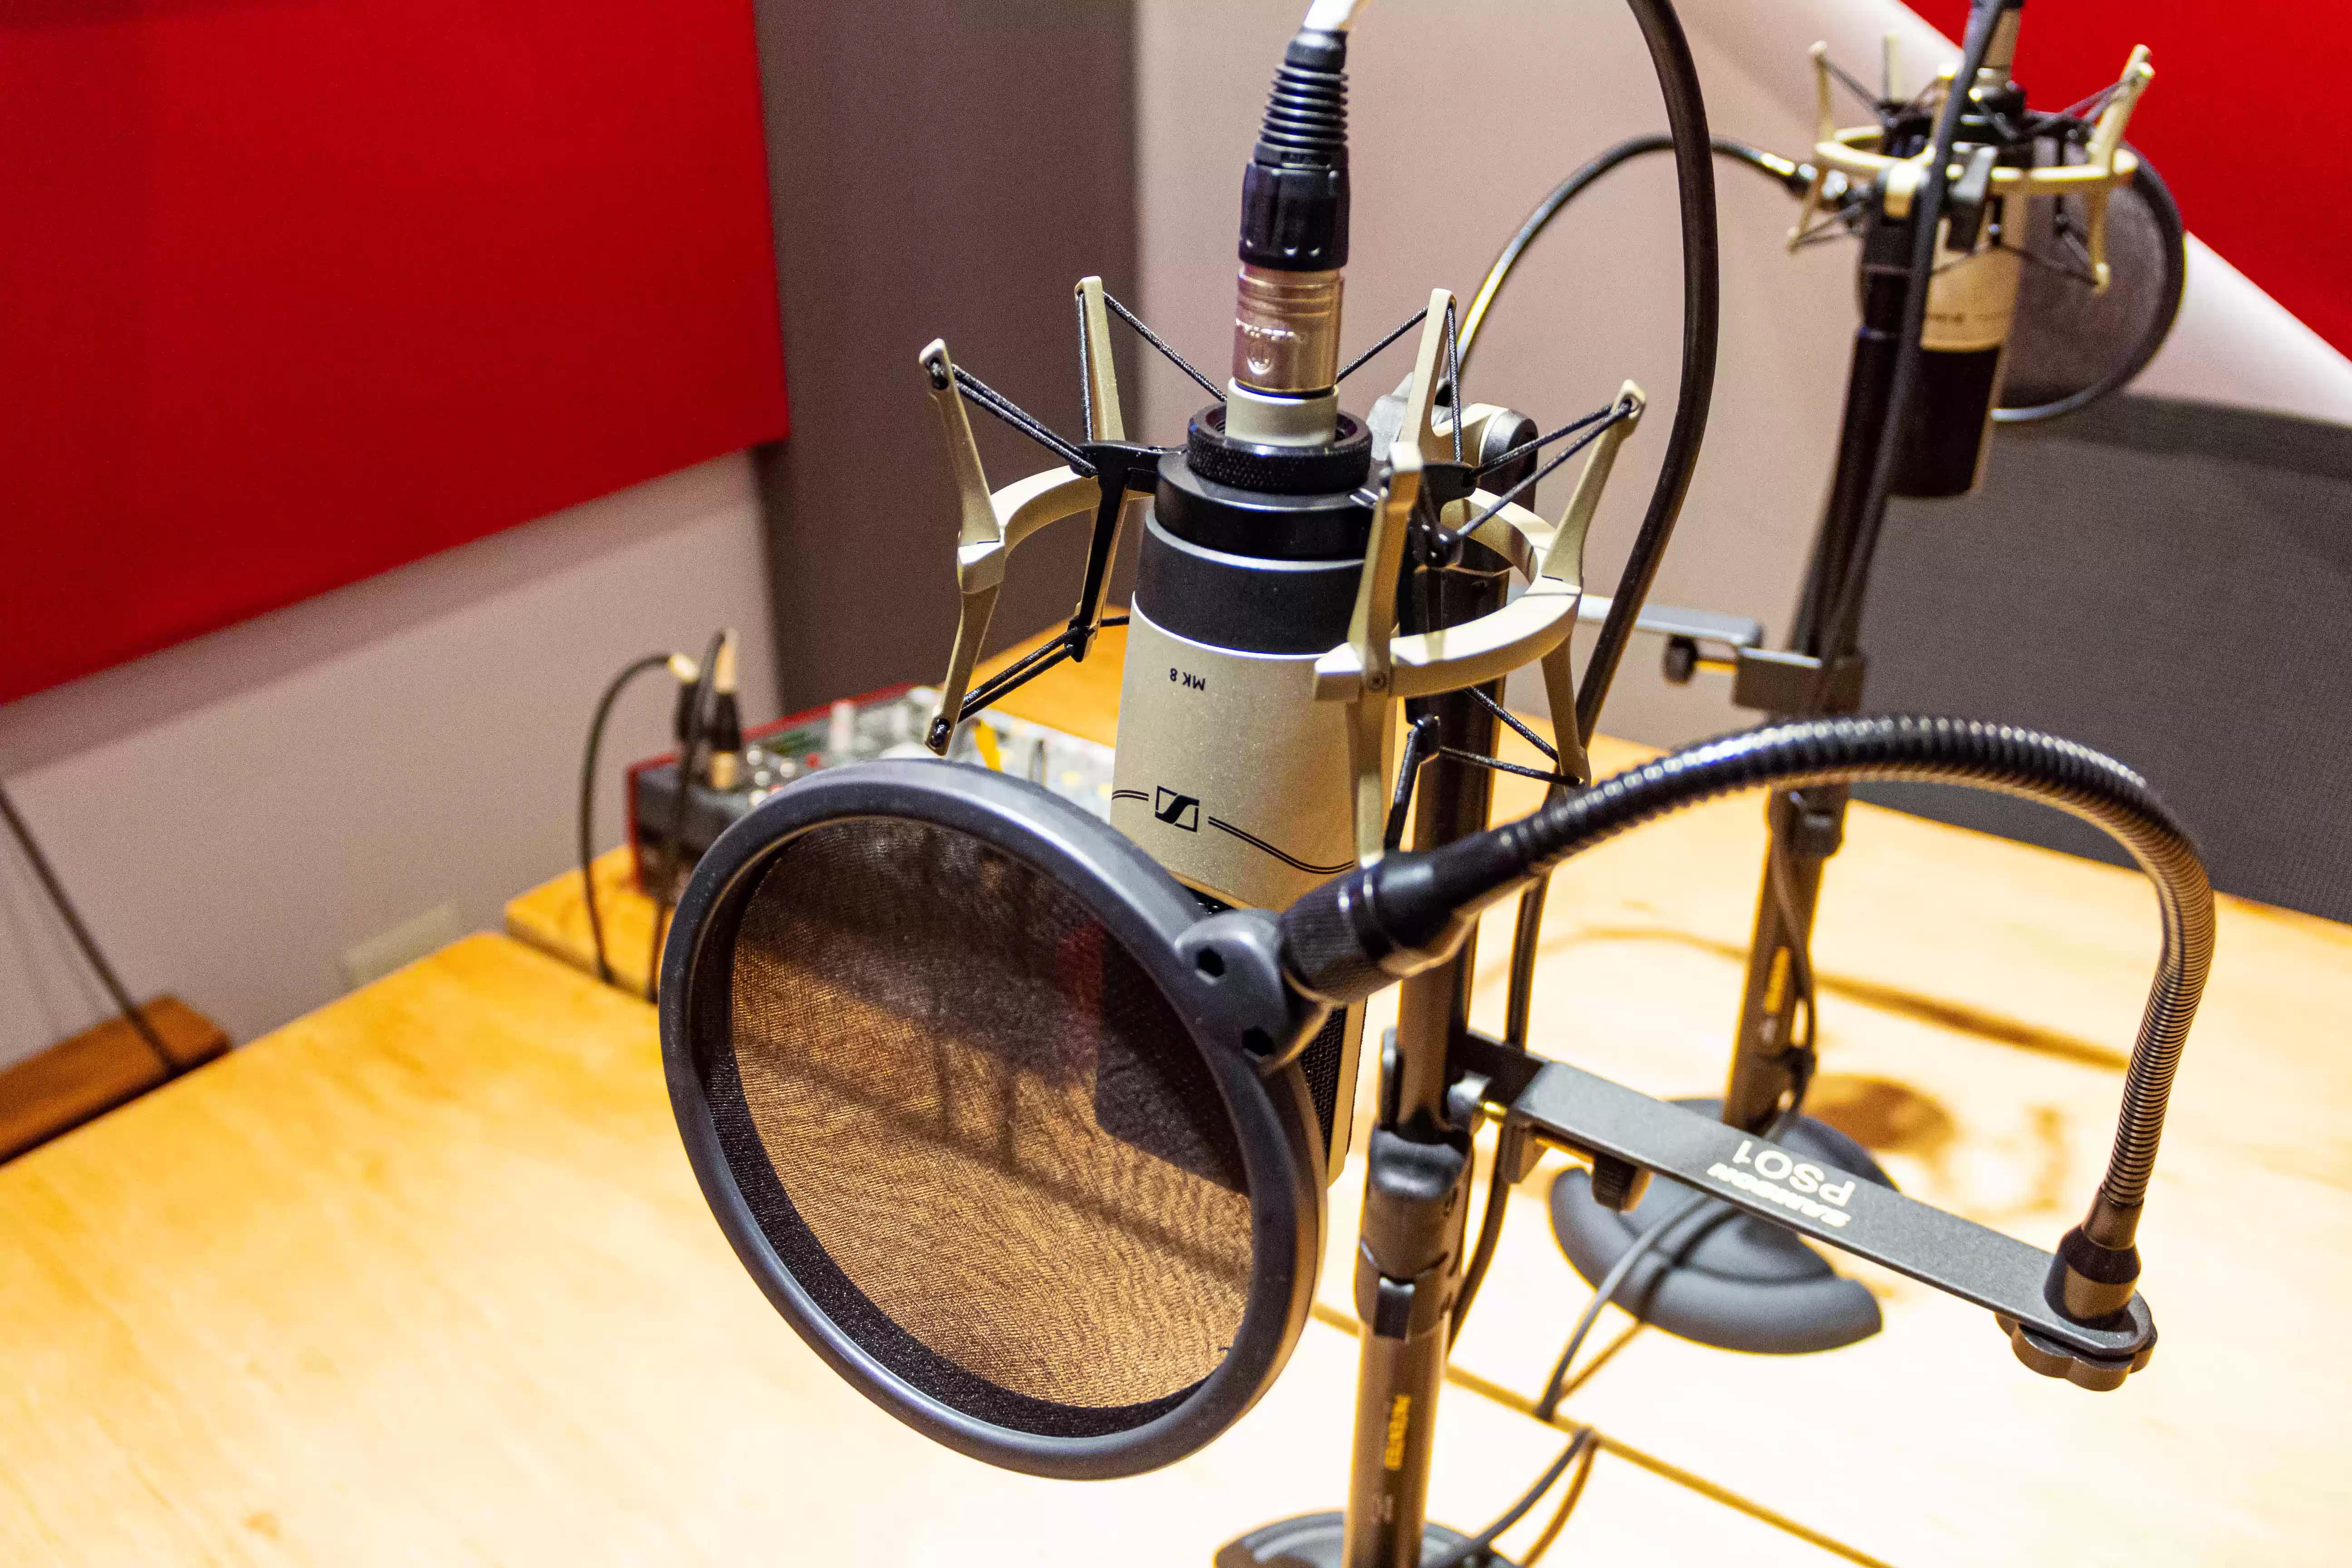 Estudio diseñado especialmente para podcasts, acondicionado acústicamente y equipados a full.